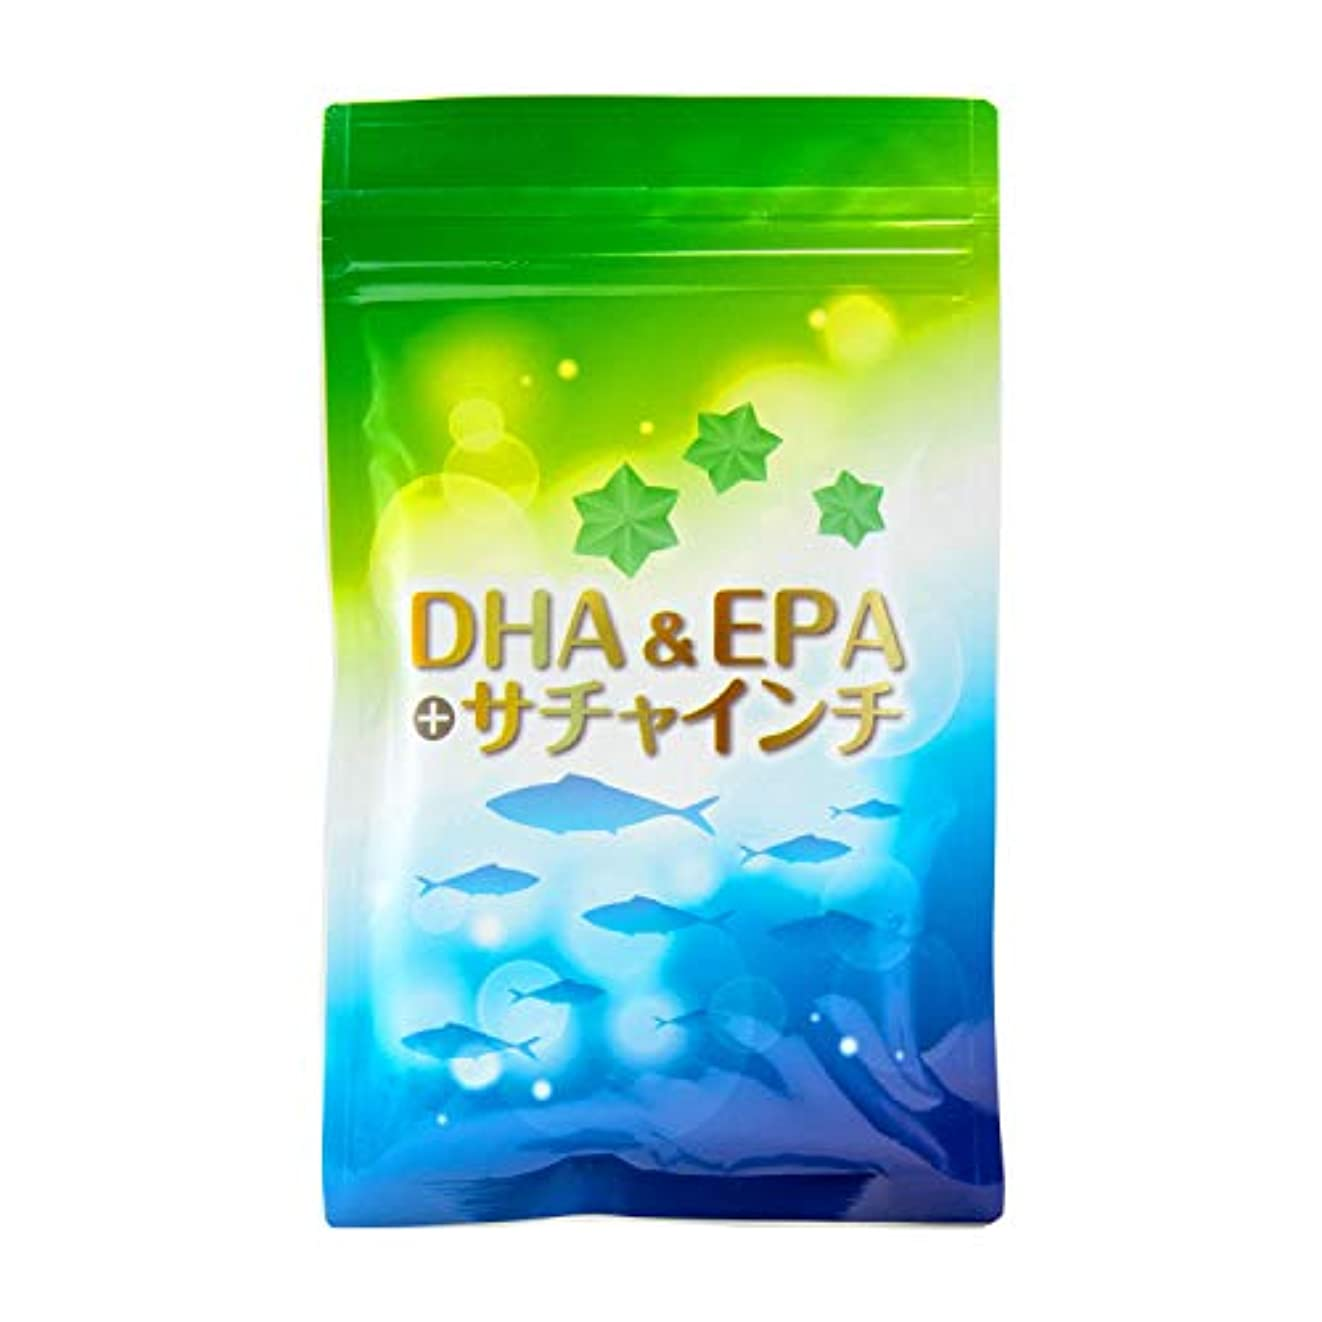 元に戻すスカウトぜいたくバイオサプリ DHA&EPA+サチャインチ (3袋/約3ヶ月分)